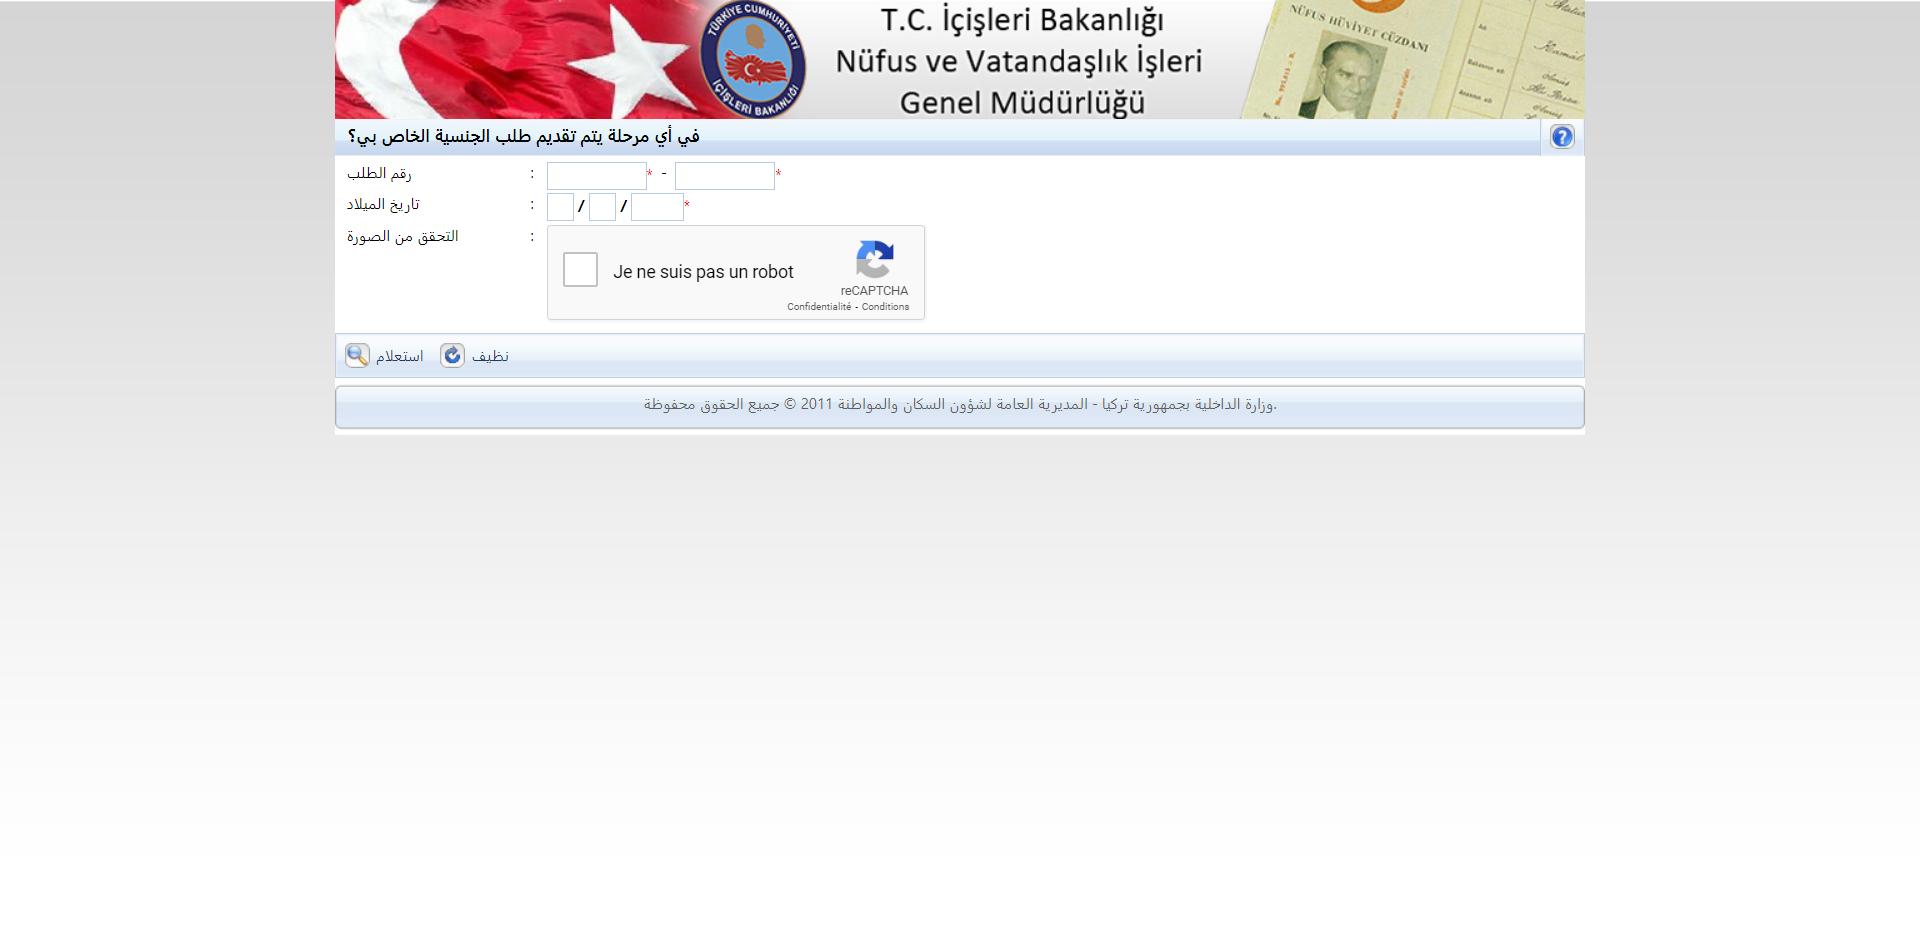 صورة موقع تتبع مراحل الجنسية التركية مترجم بالعربية